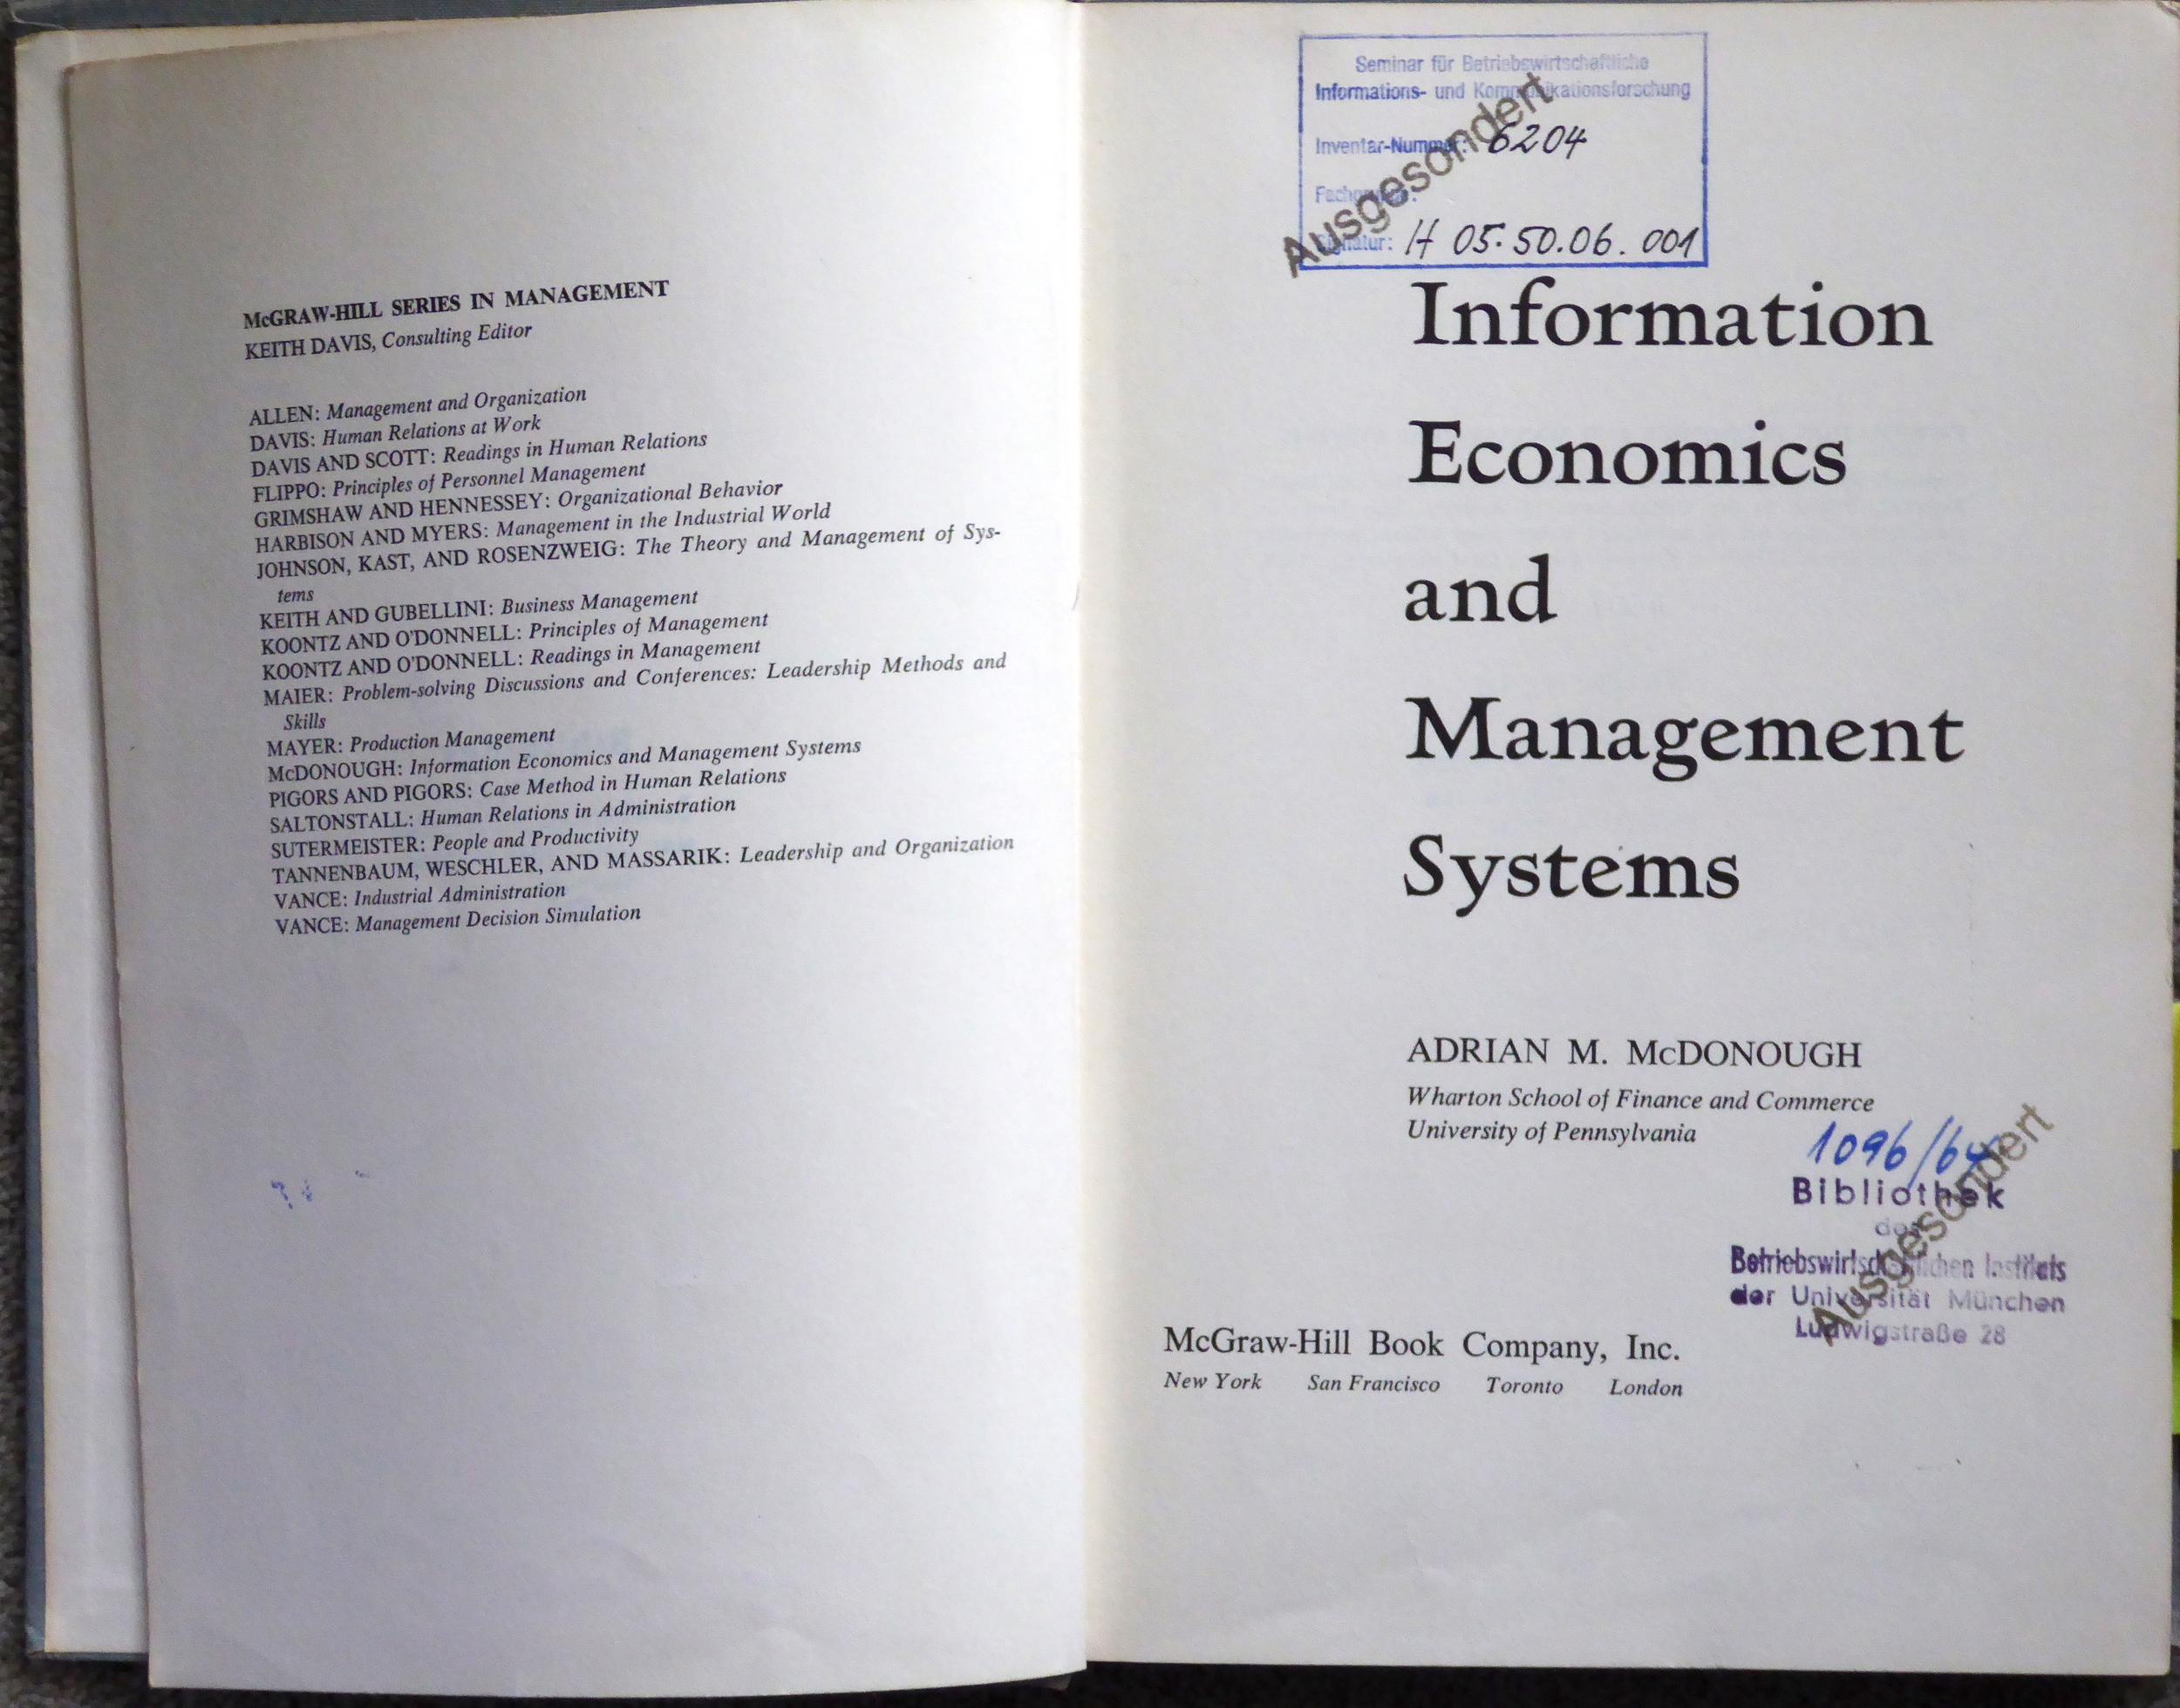 DDR_P1010063_McDonough_InformationEconomicsManagementSystems.JPG